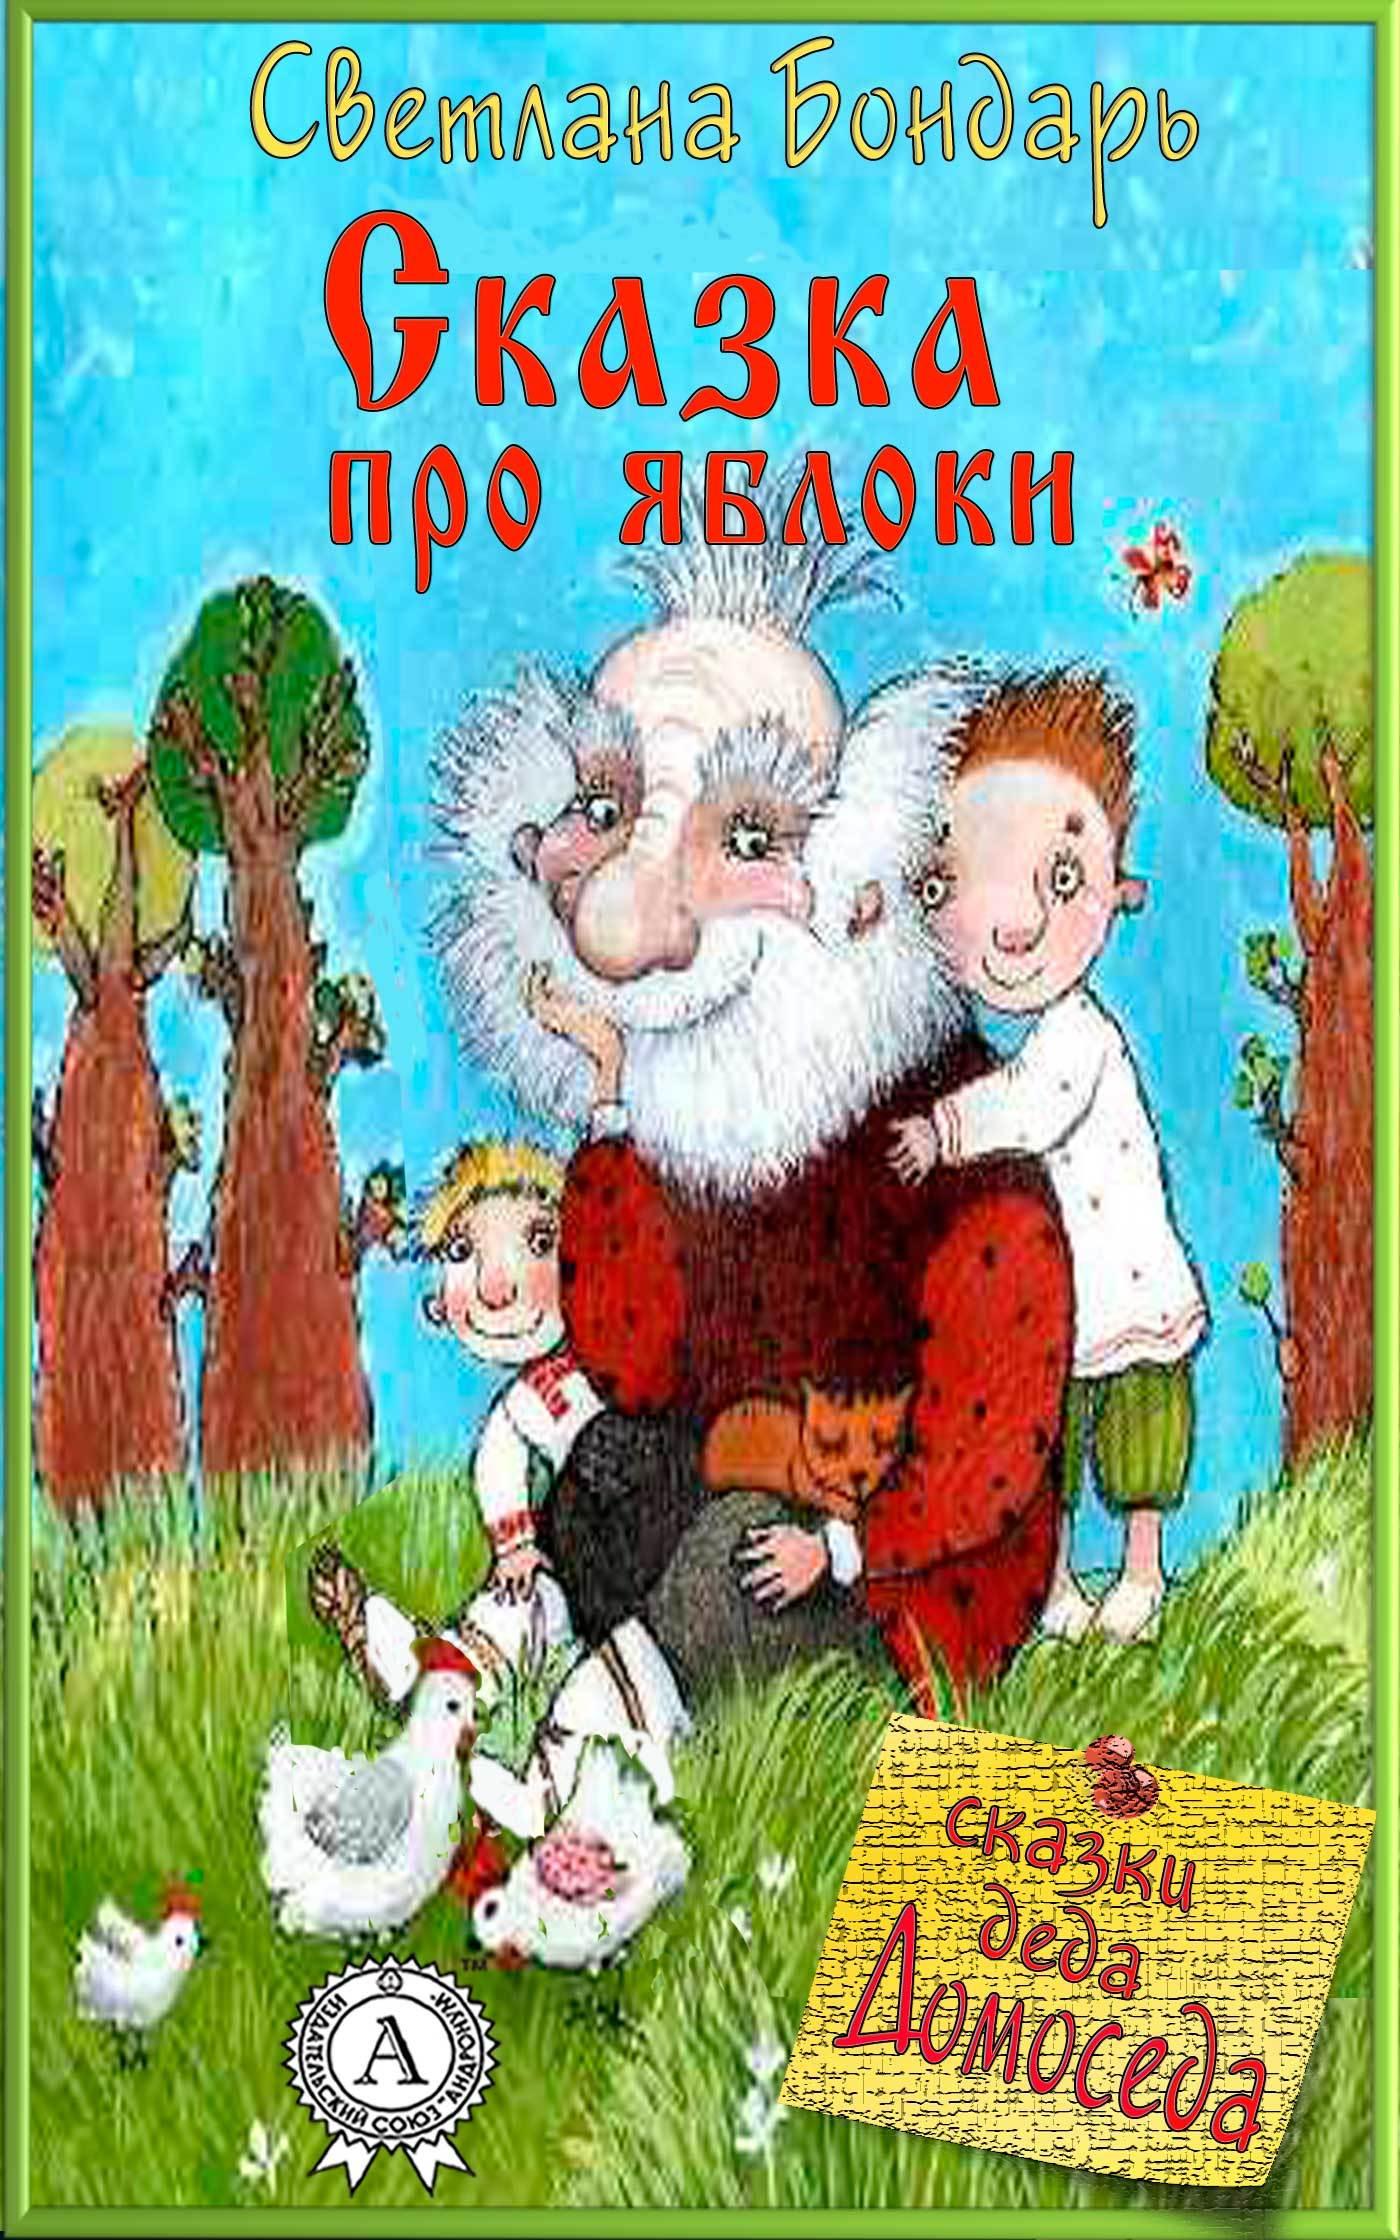 Светлана Бондарь «Сказка про яблоки»